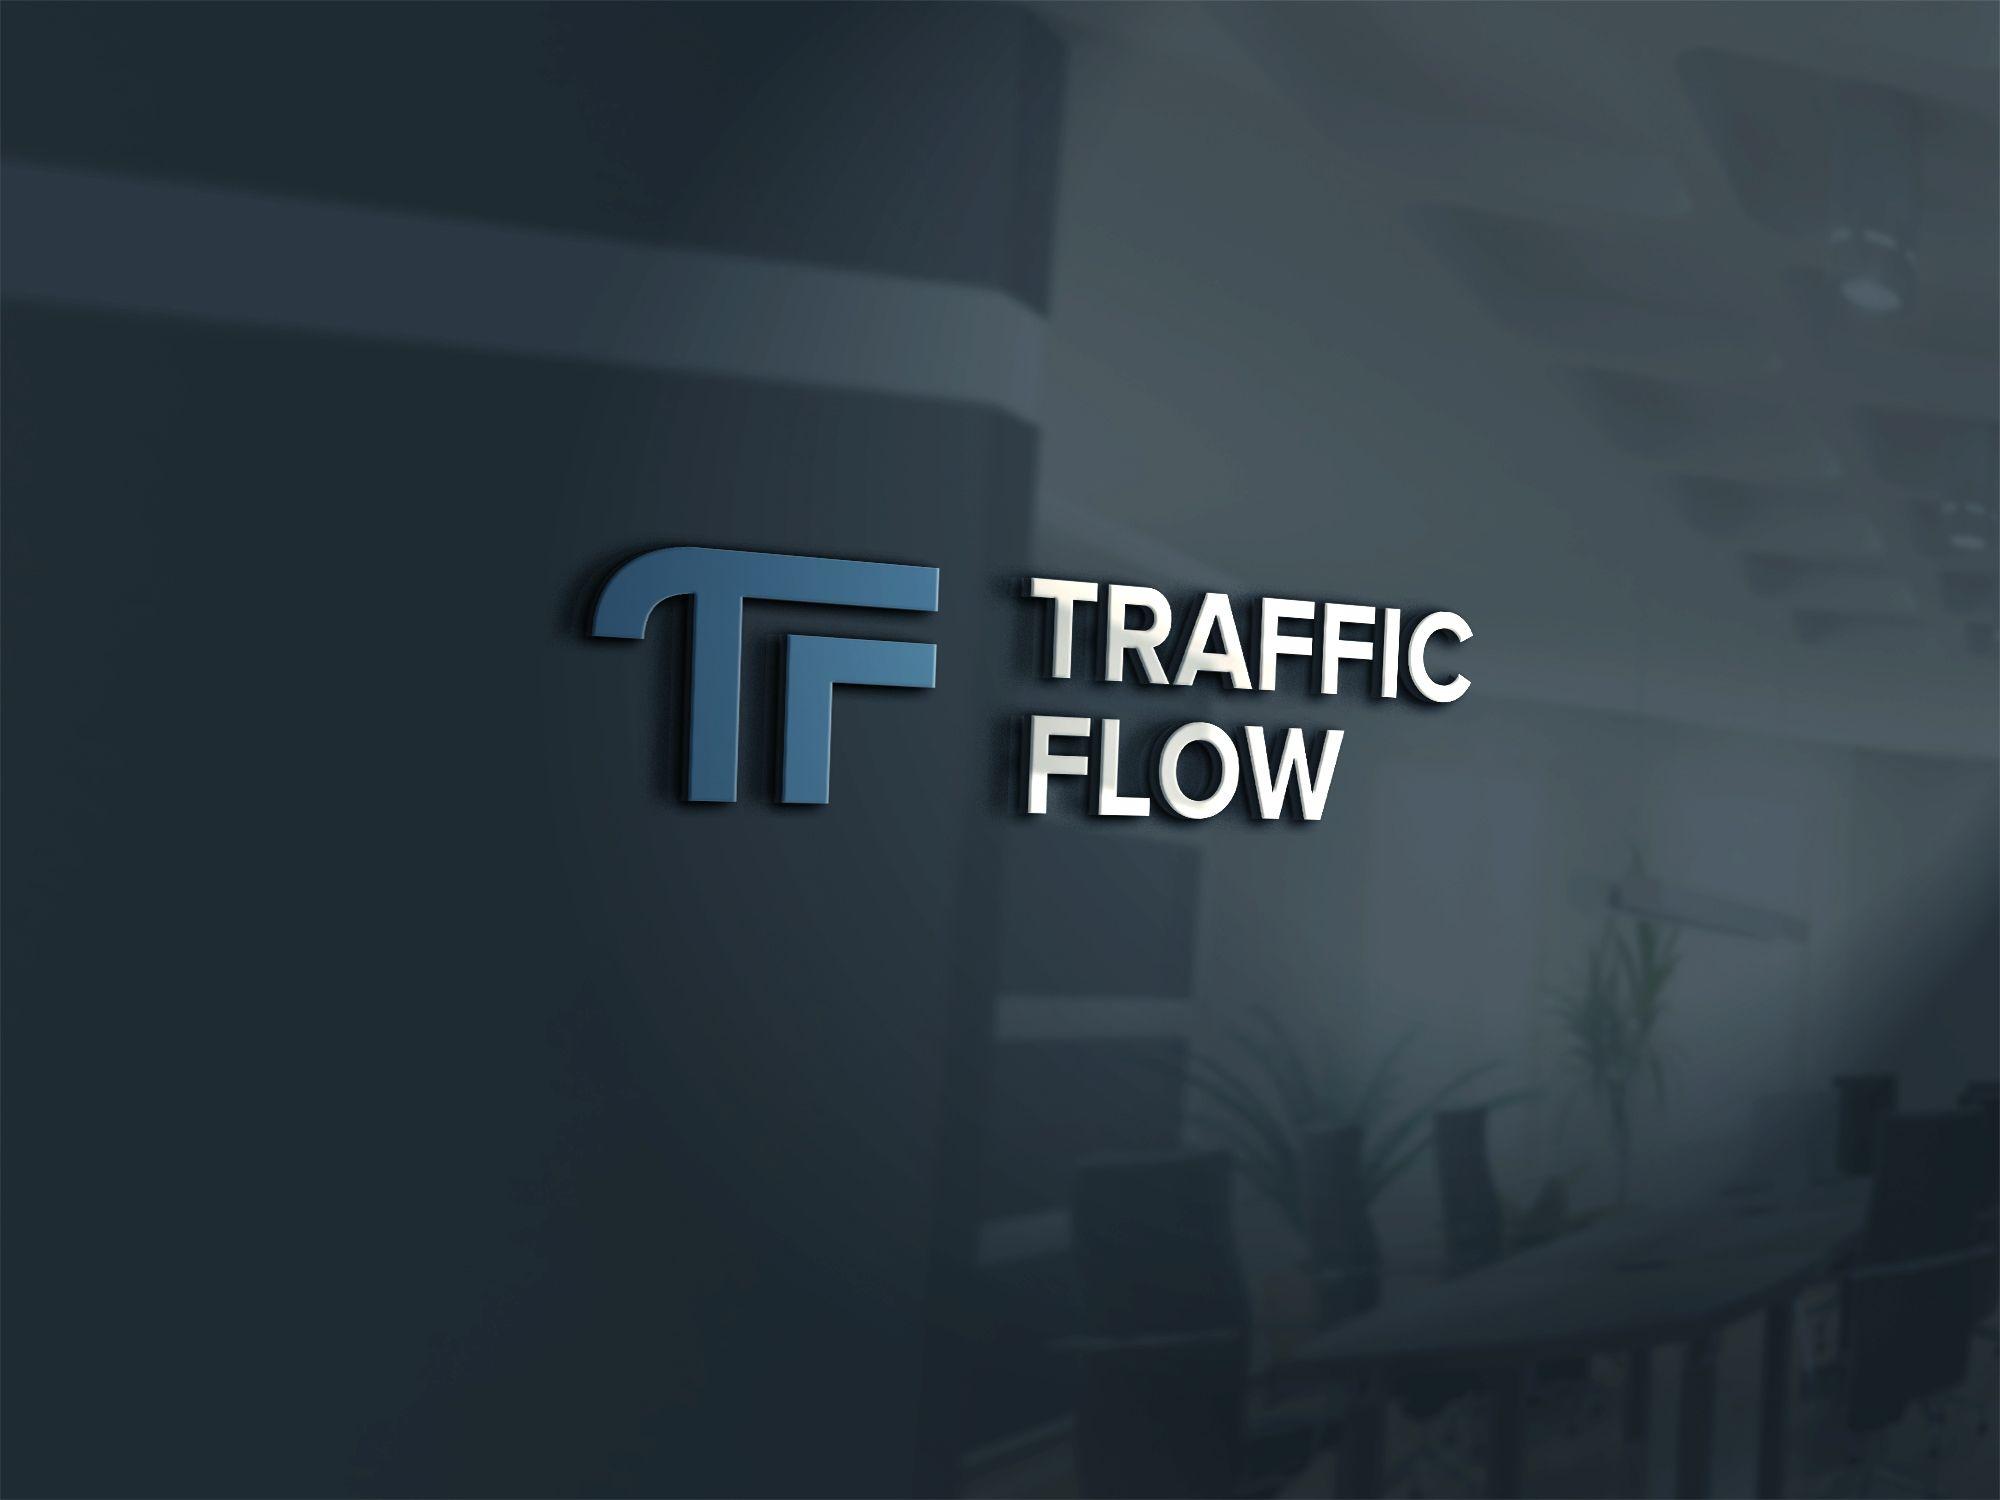 Лого и фирменный стиль для Traffic Flow - дизайнер comicdm